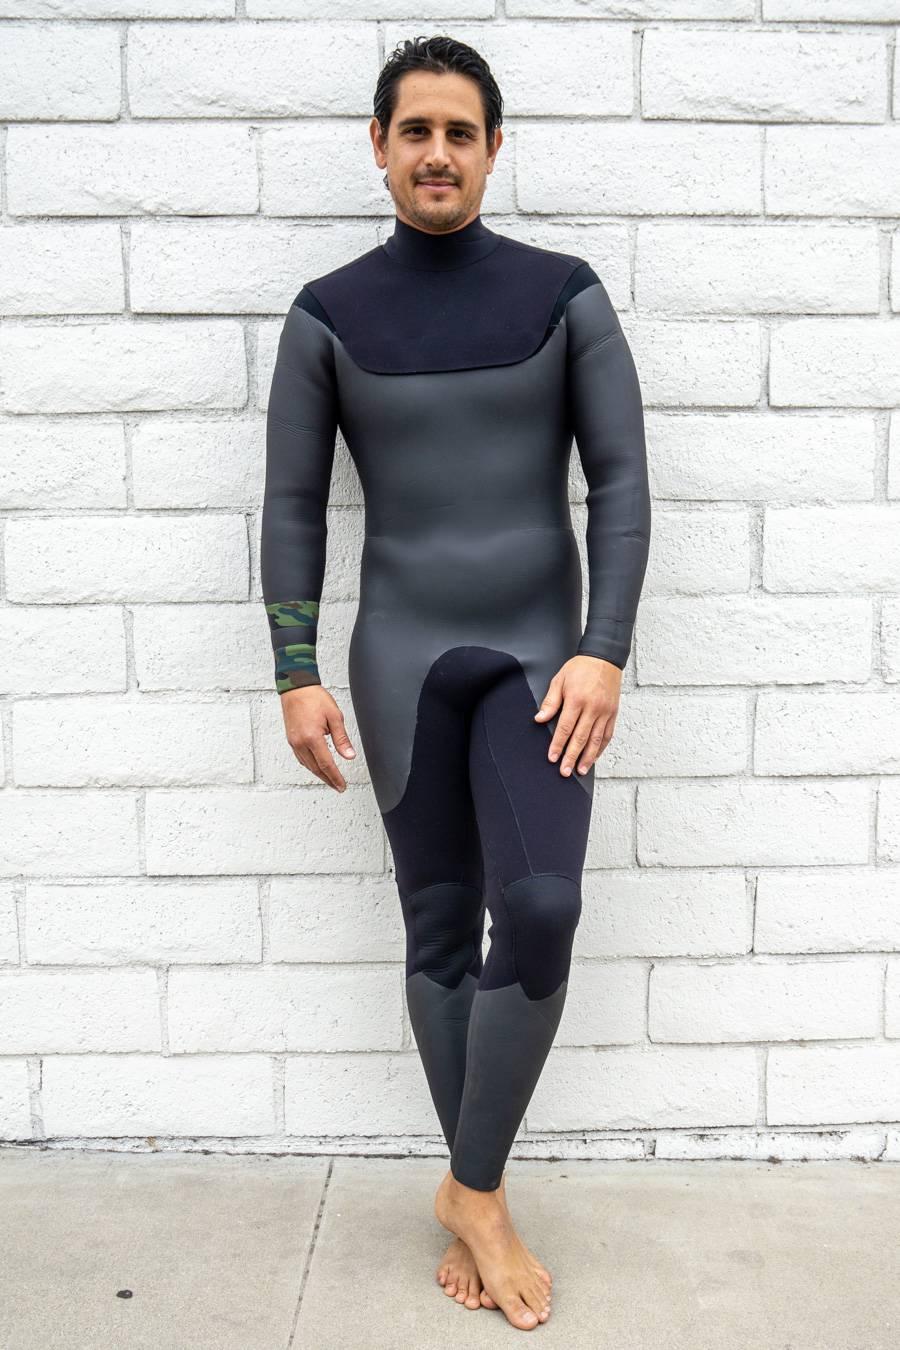 2018/19 ジップレス ノンジップ タイプ25mm (ボディ)×5mm(袖) メンズ セミドライ ウエットスーツポイントカラー1色無料ウェットスーツ 男性用 オーダー サーフィン